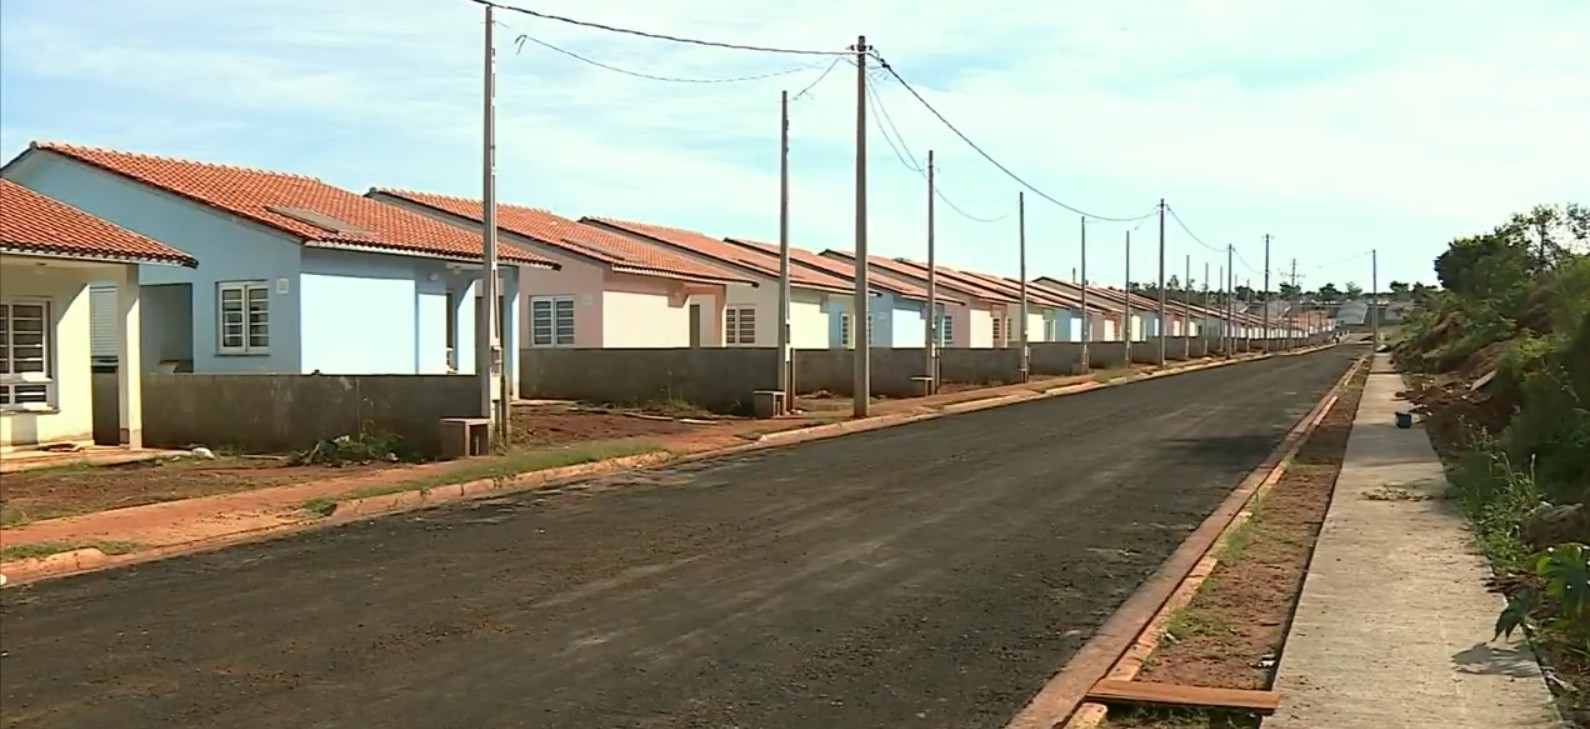 Com polêmica e 3 anos de atraso, prefeitura de Rafard entrega parte de conjunto habitacional - Notícias - Plantão Diário